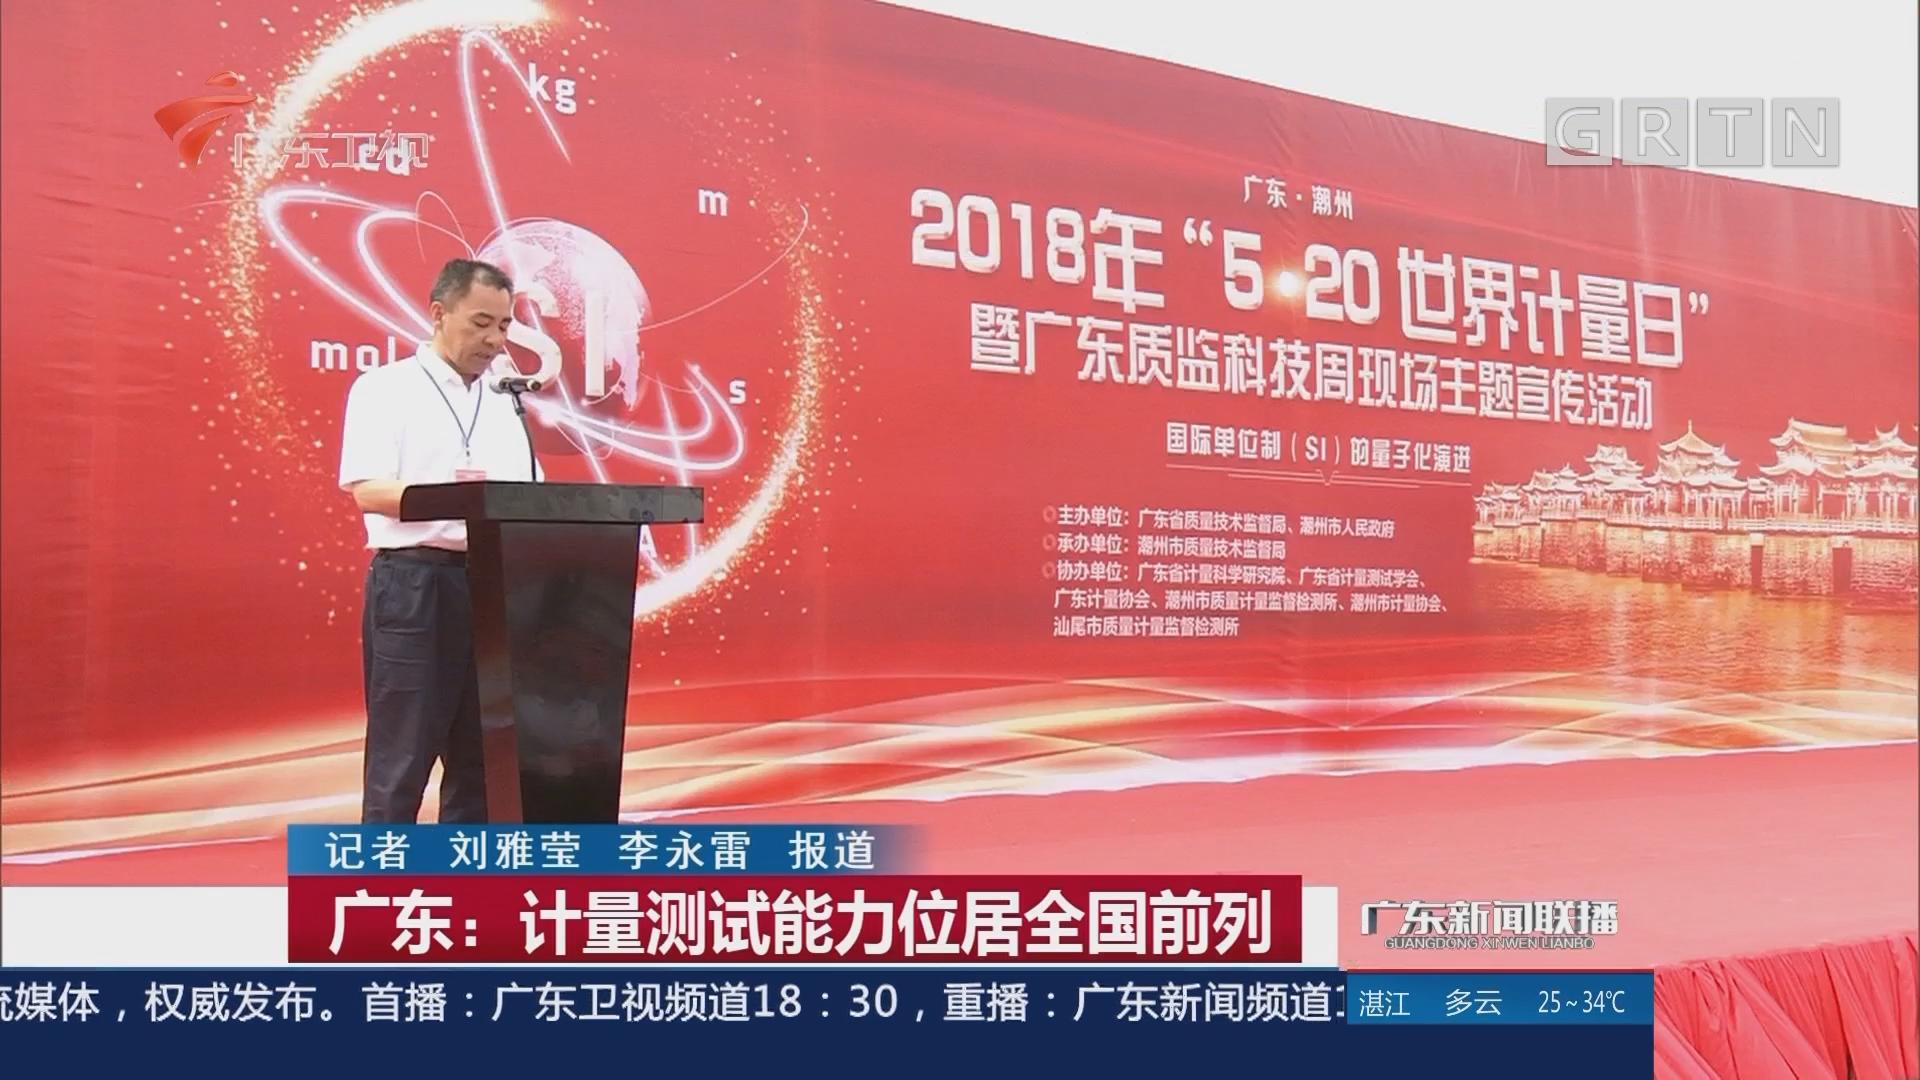 广东:计量测试能力位居全国前列